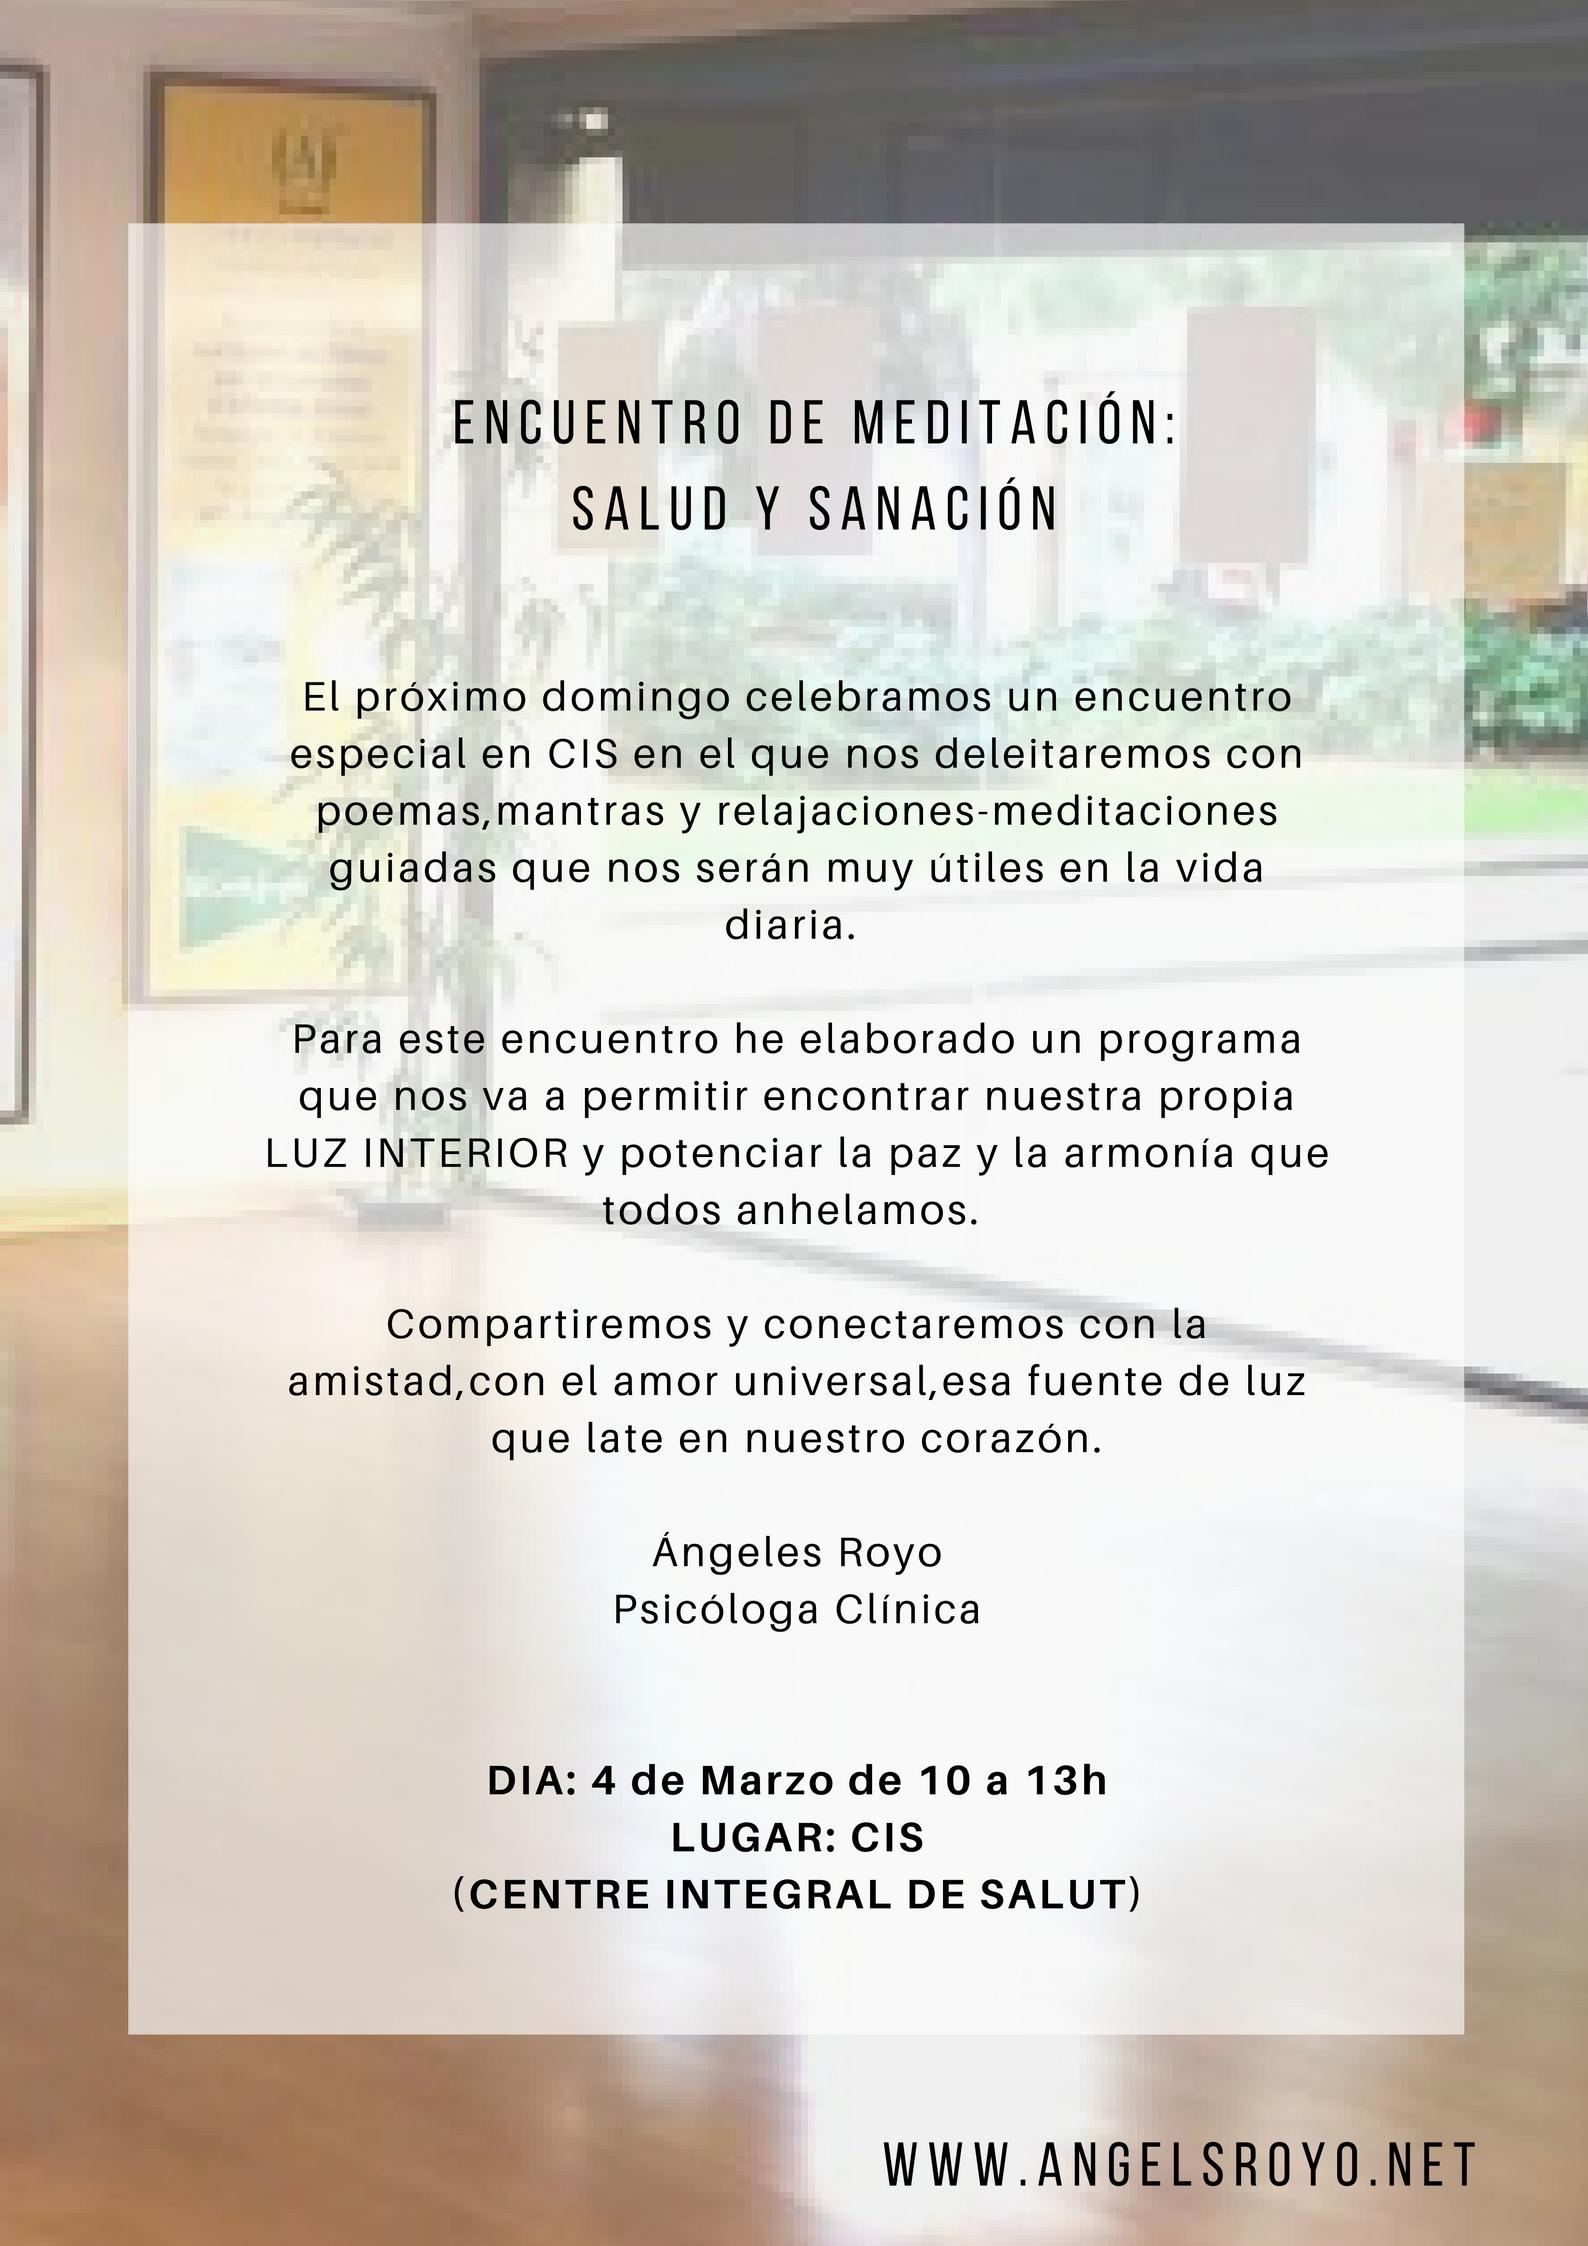 ENCUENTRO DE MEDITACIÓN_ SALUD Y SANACIÓN.jpg